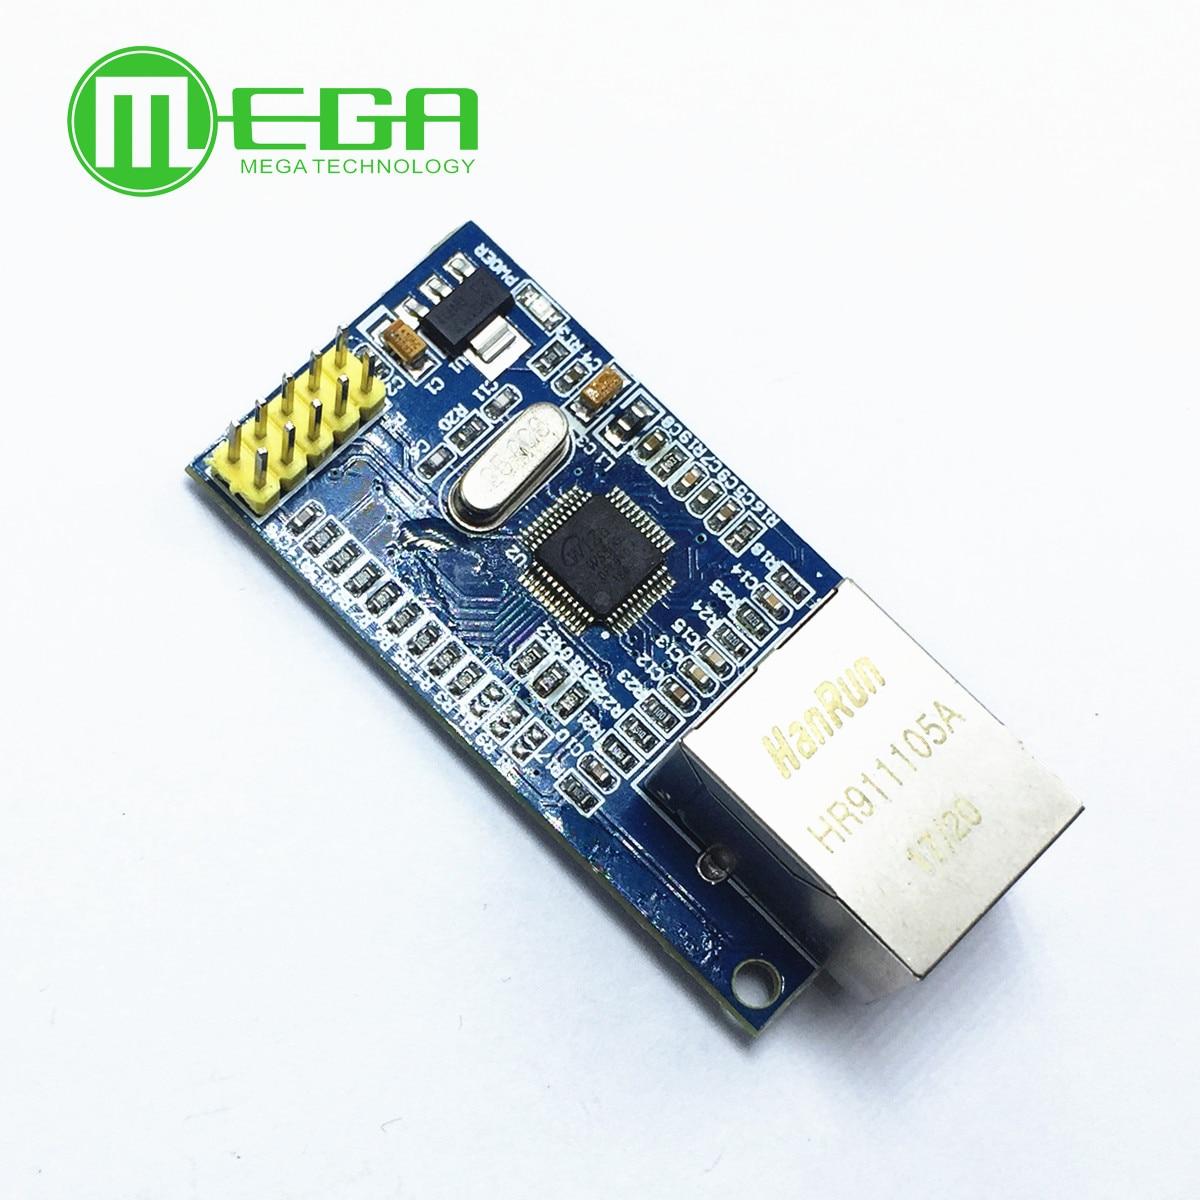 1 шт., сетевые модули для Arduino W5500 Ethernet для Arduino TCP/IP 51/STM32 SPI интерфейс 3,3 В 5 в I/O MCU